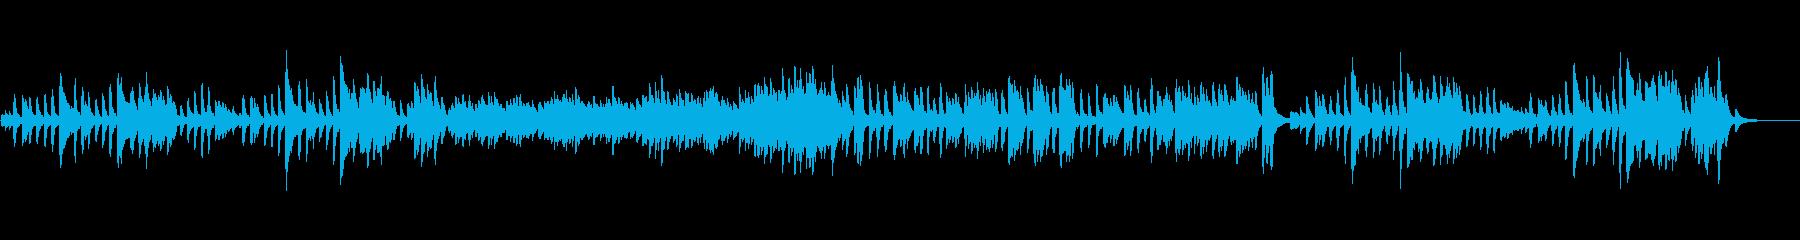 クラシック クール ハイテク 中速...の再生済みの波形